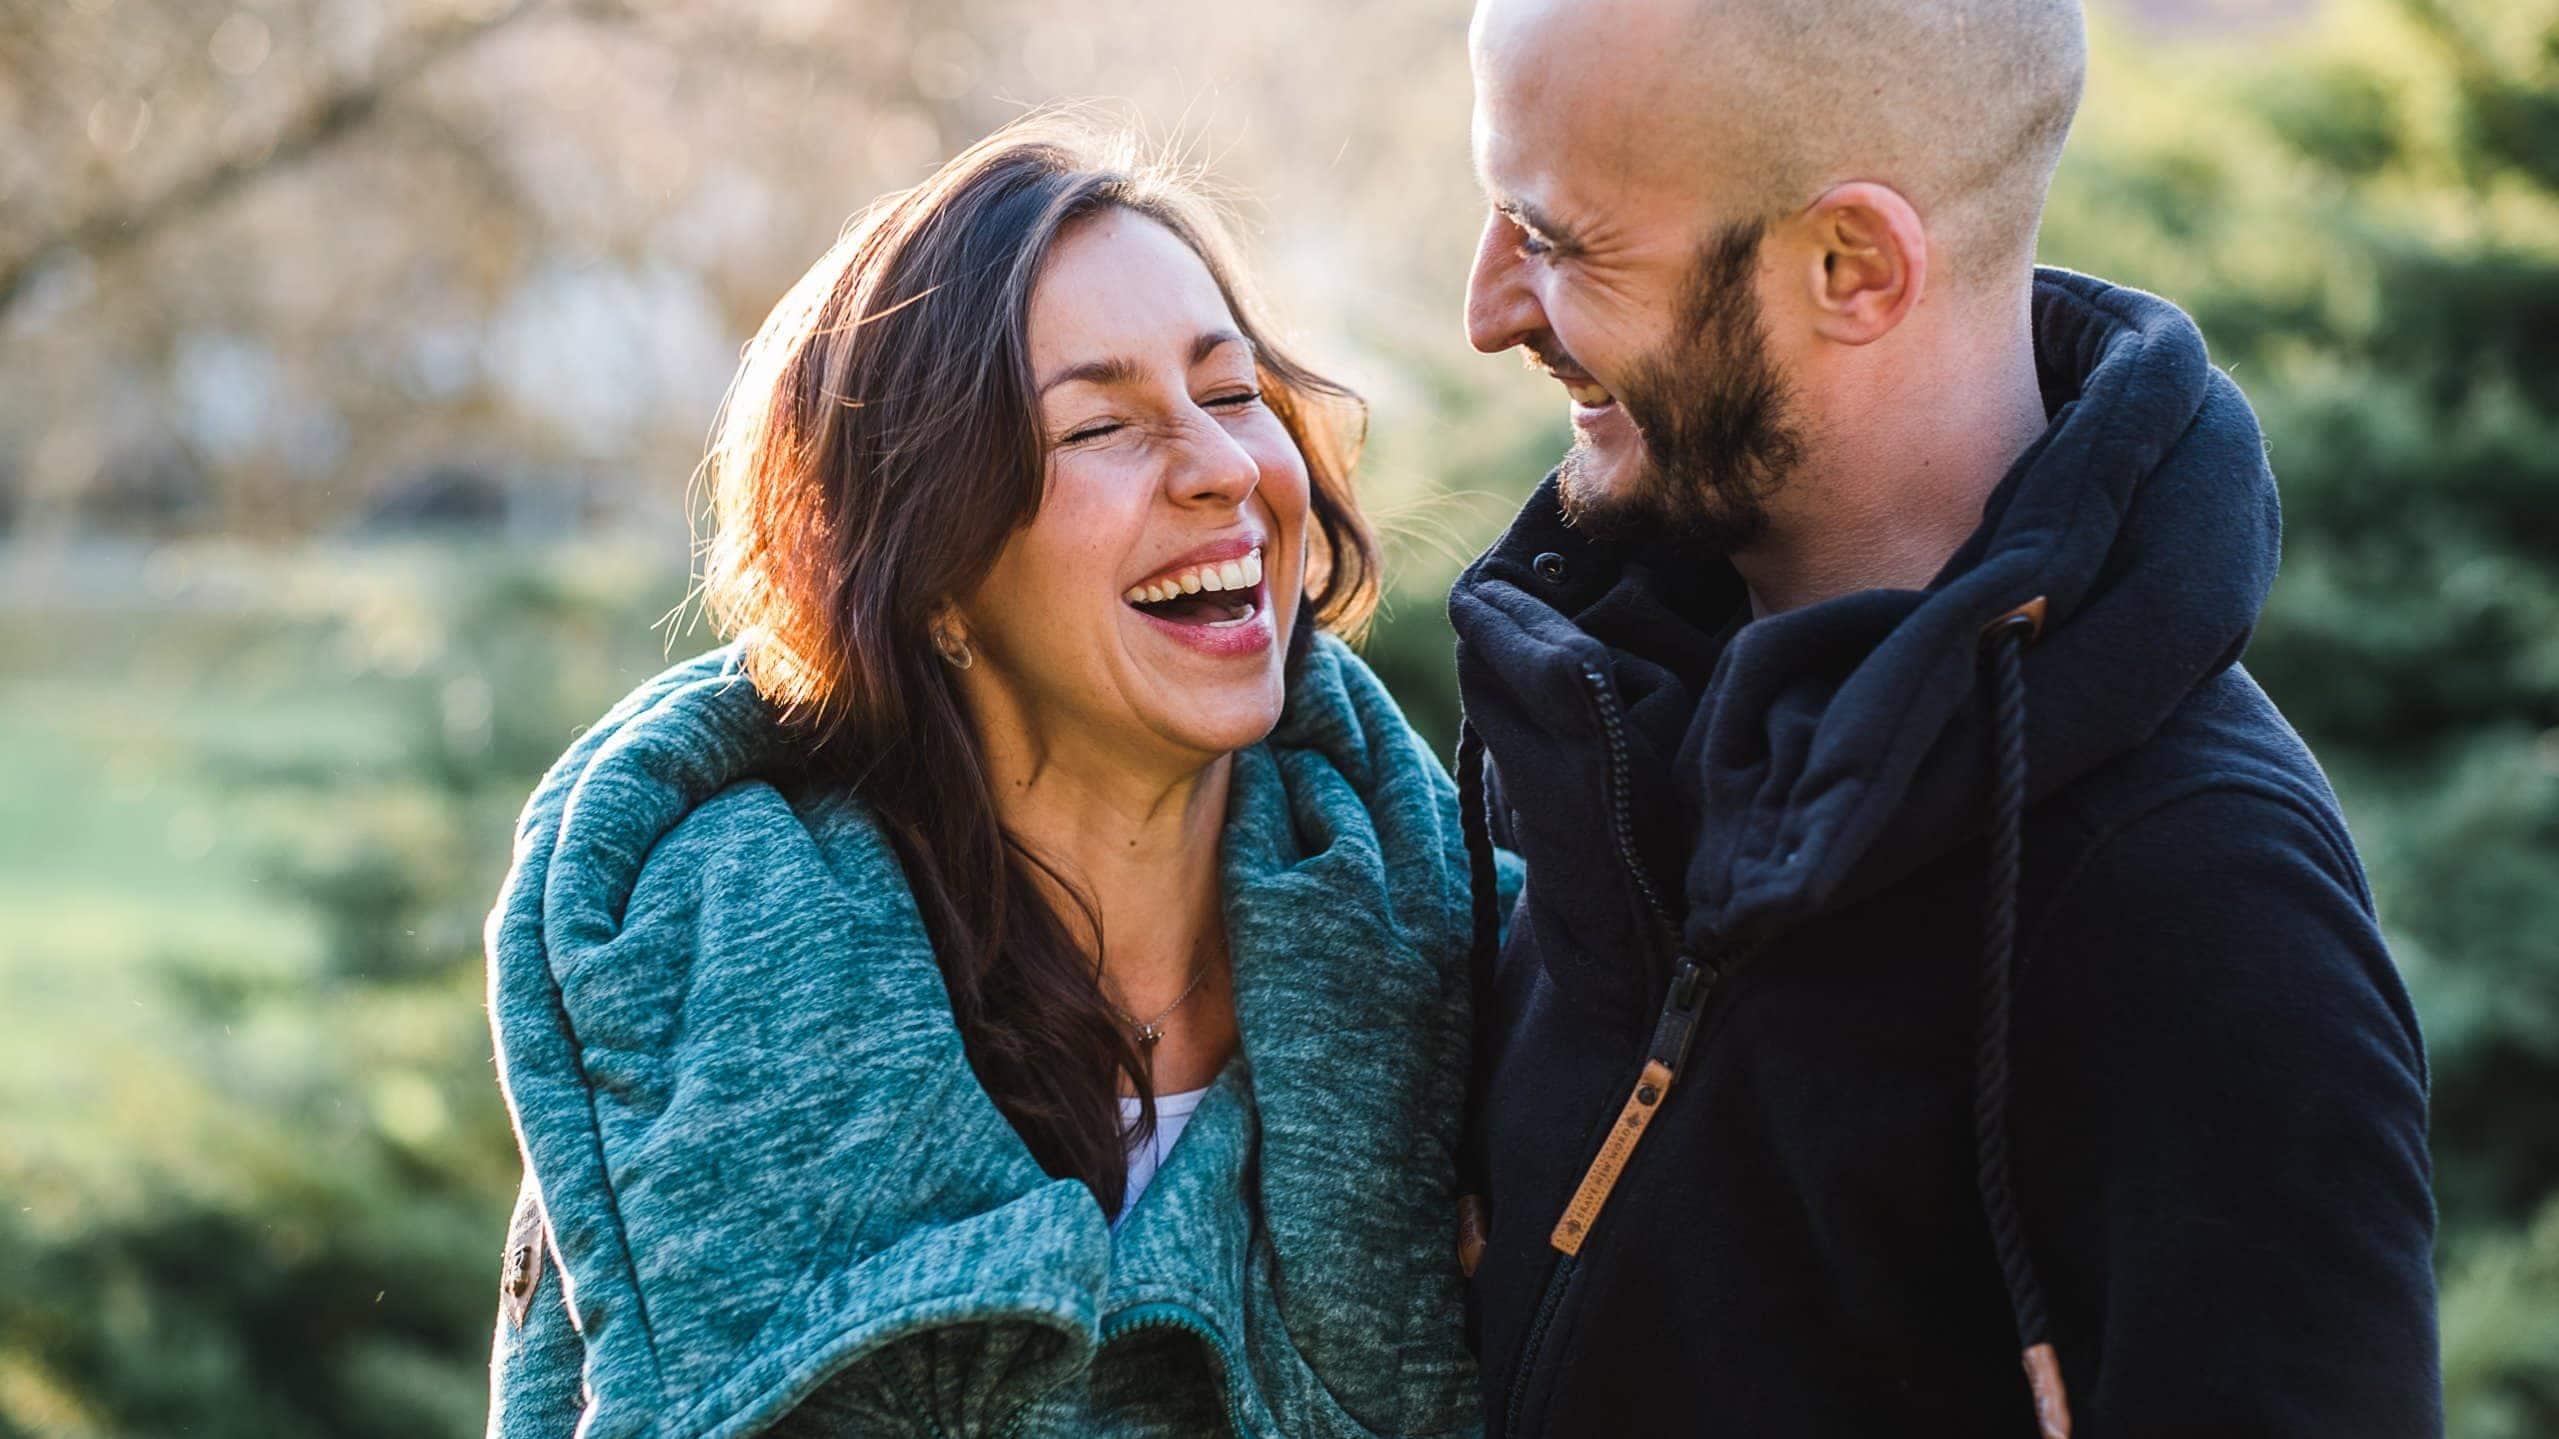 JungundWild People Paar Couple Paerchen Muenchen 023